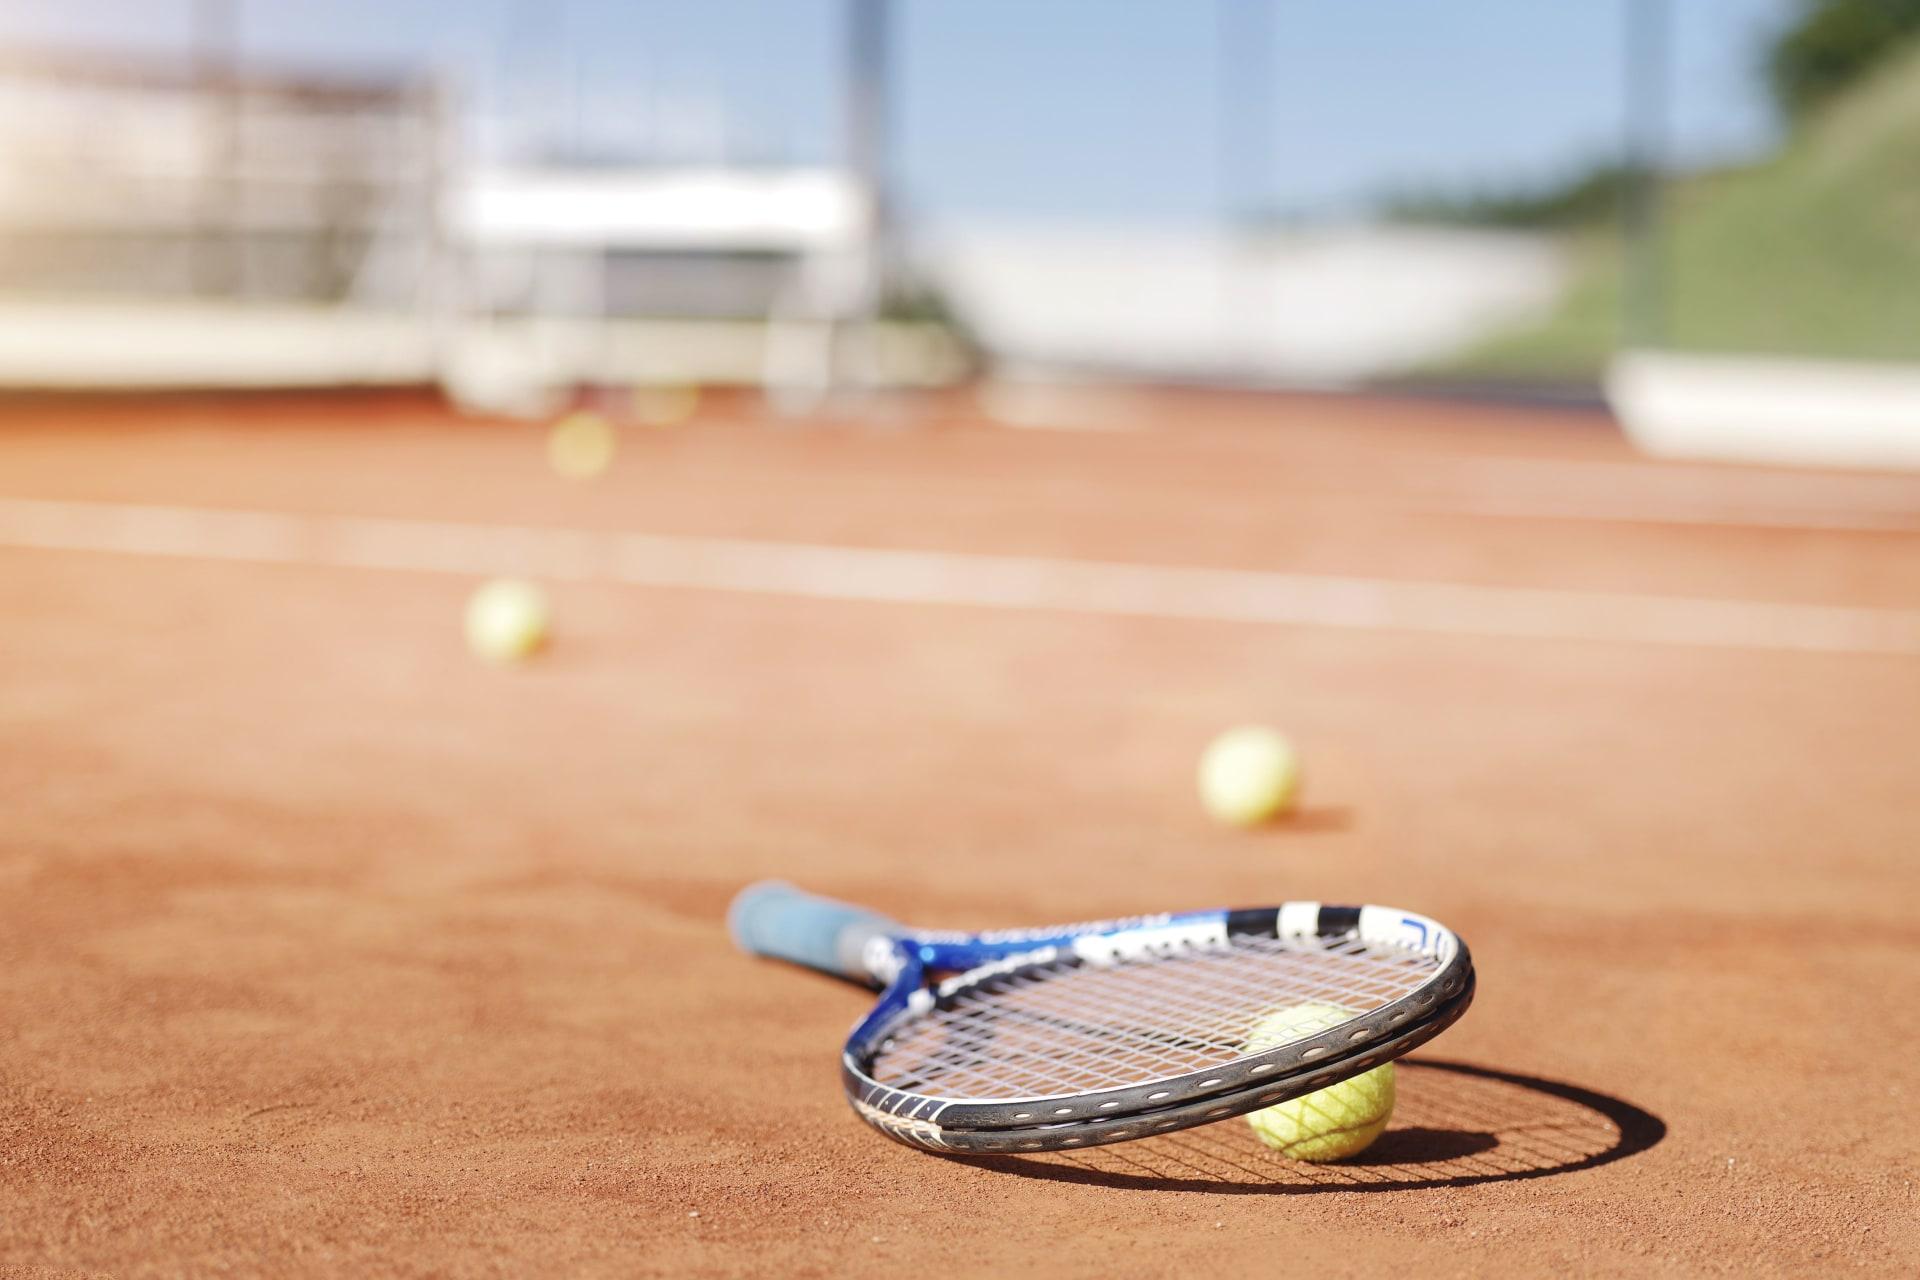 Tennisplatz des Sun Gardens Dubrovnik